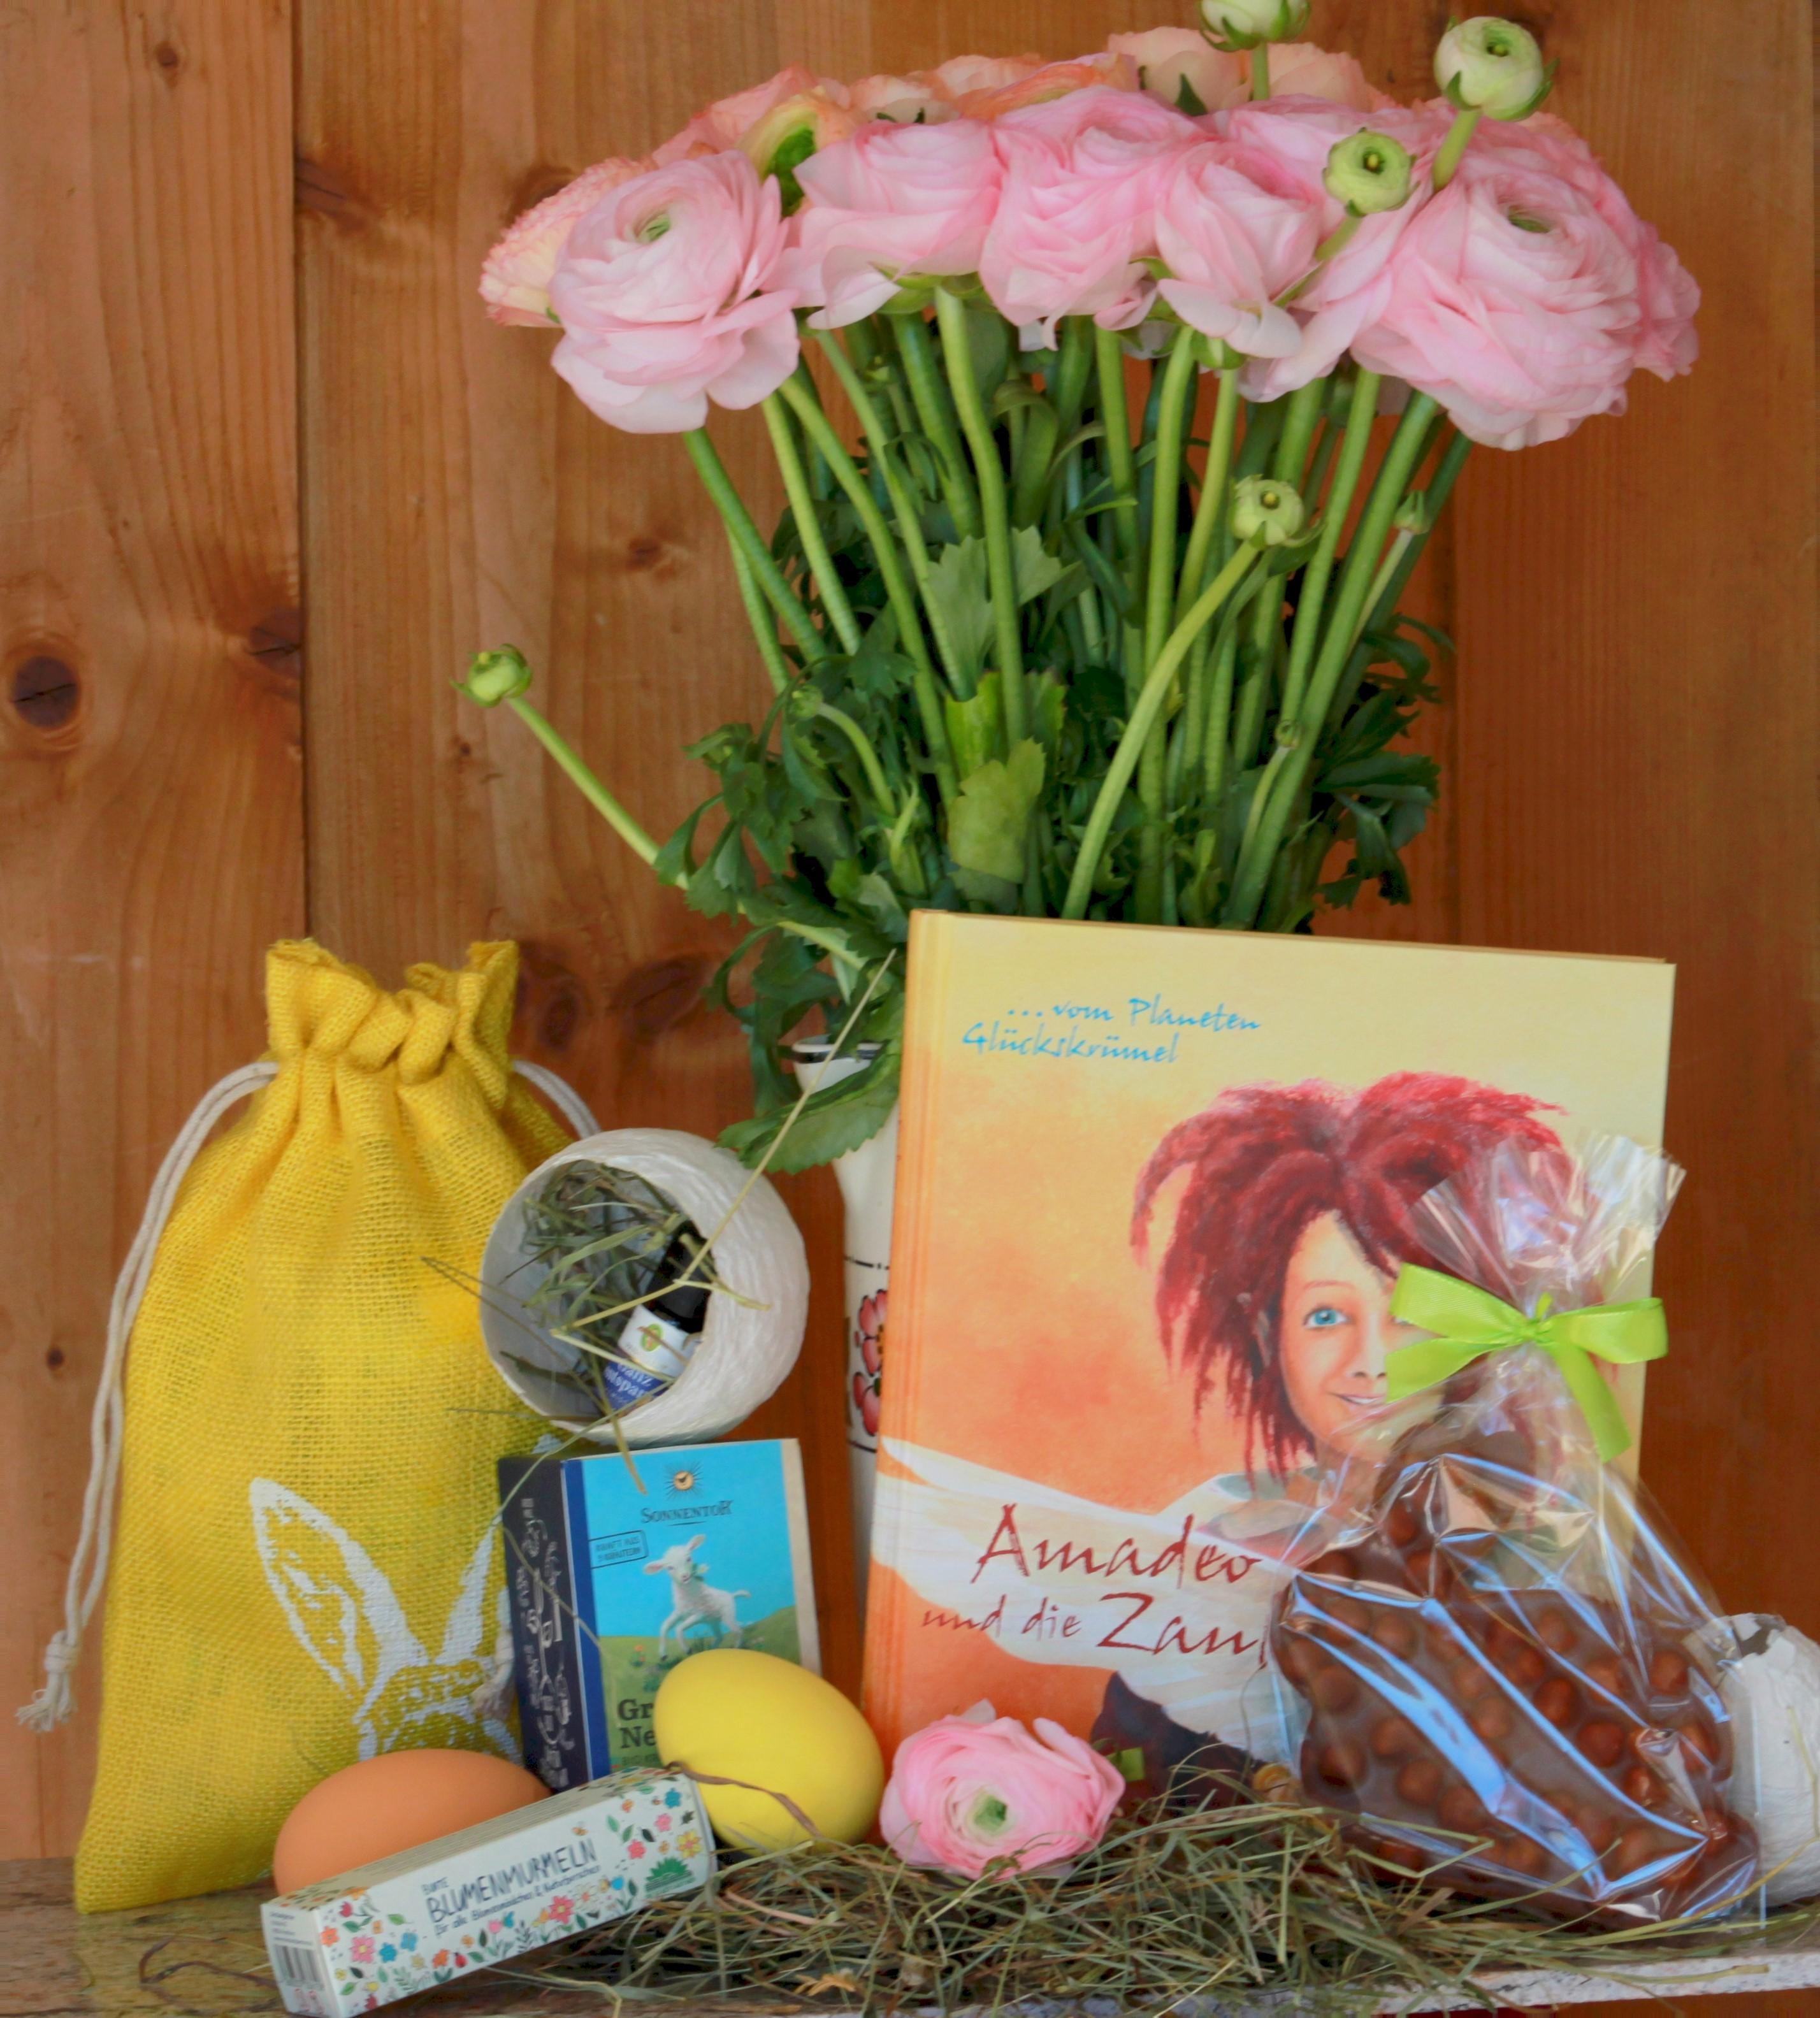 """Osterpaket """"Amadeo und die Zauberflügel"""" Buch von 5-105 Jahren"""